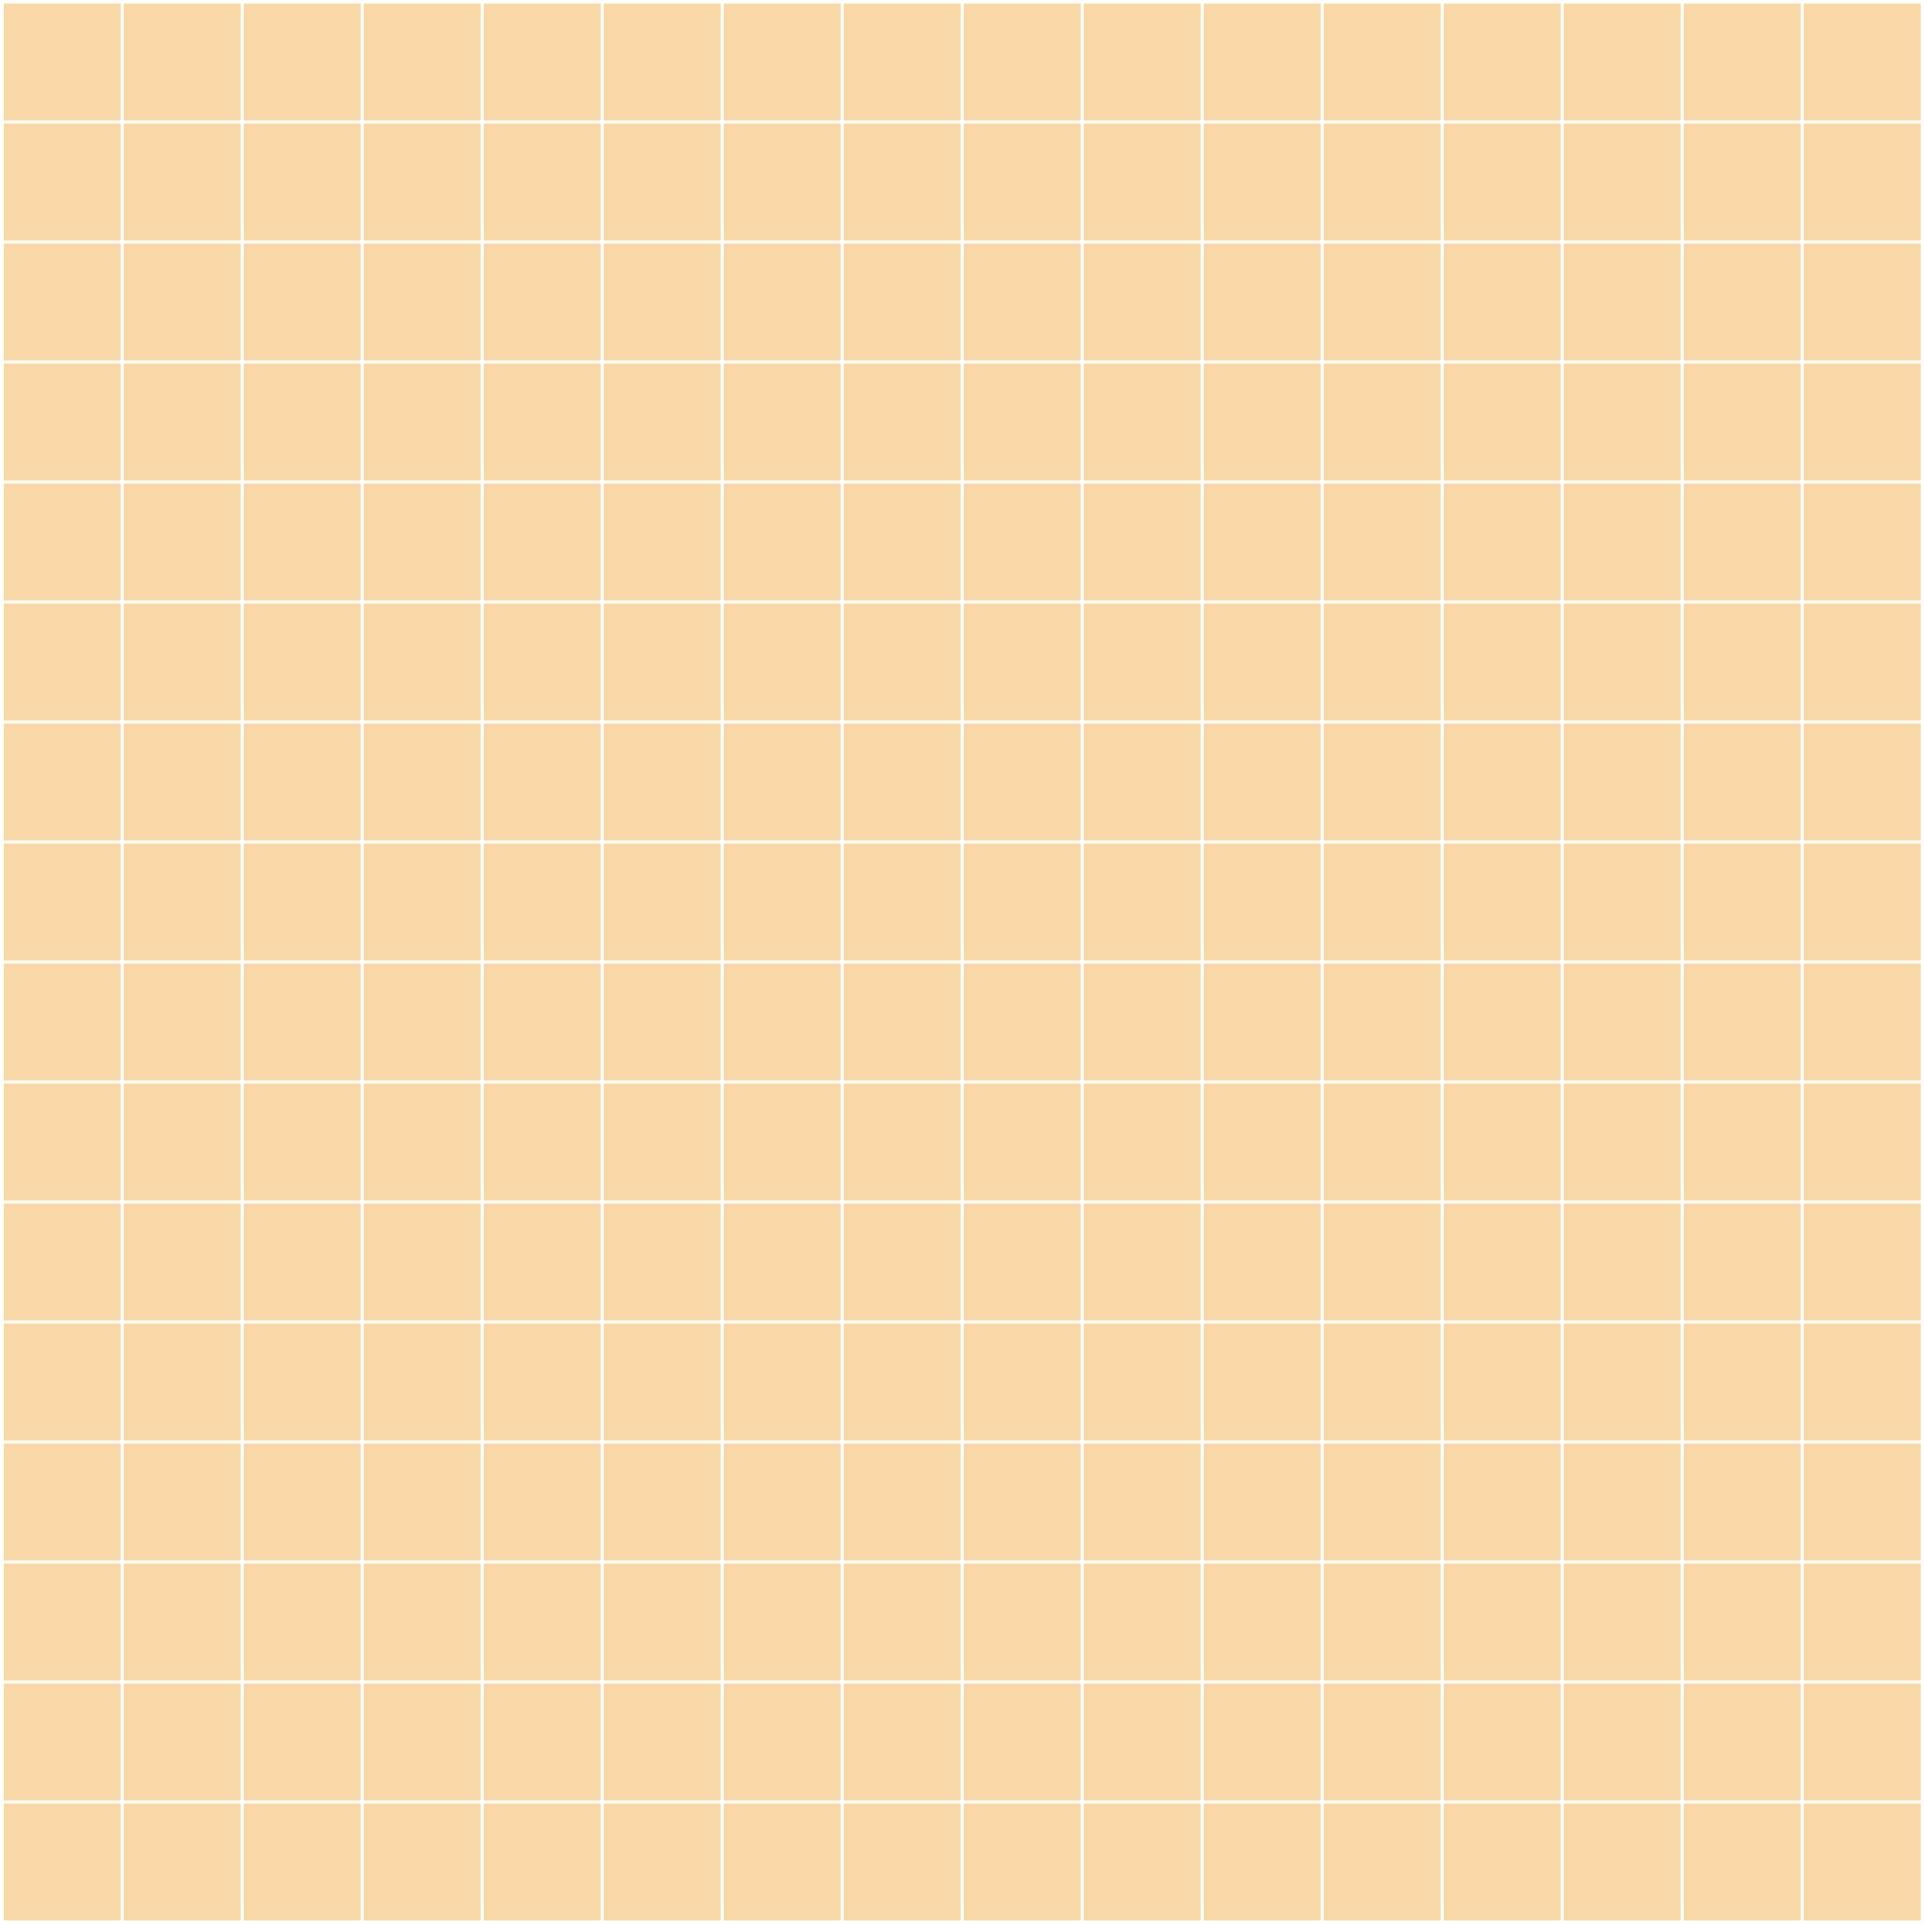 6 Best Printable Grid Paper